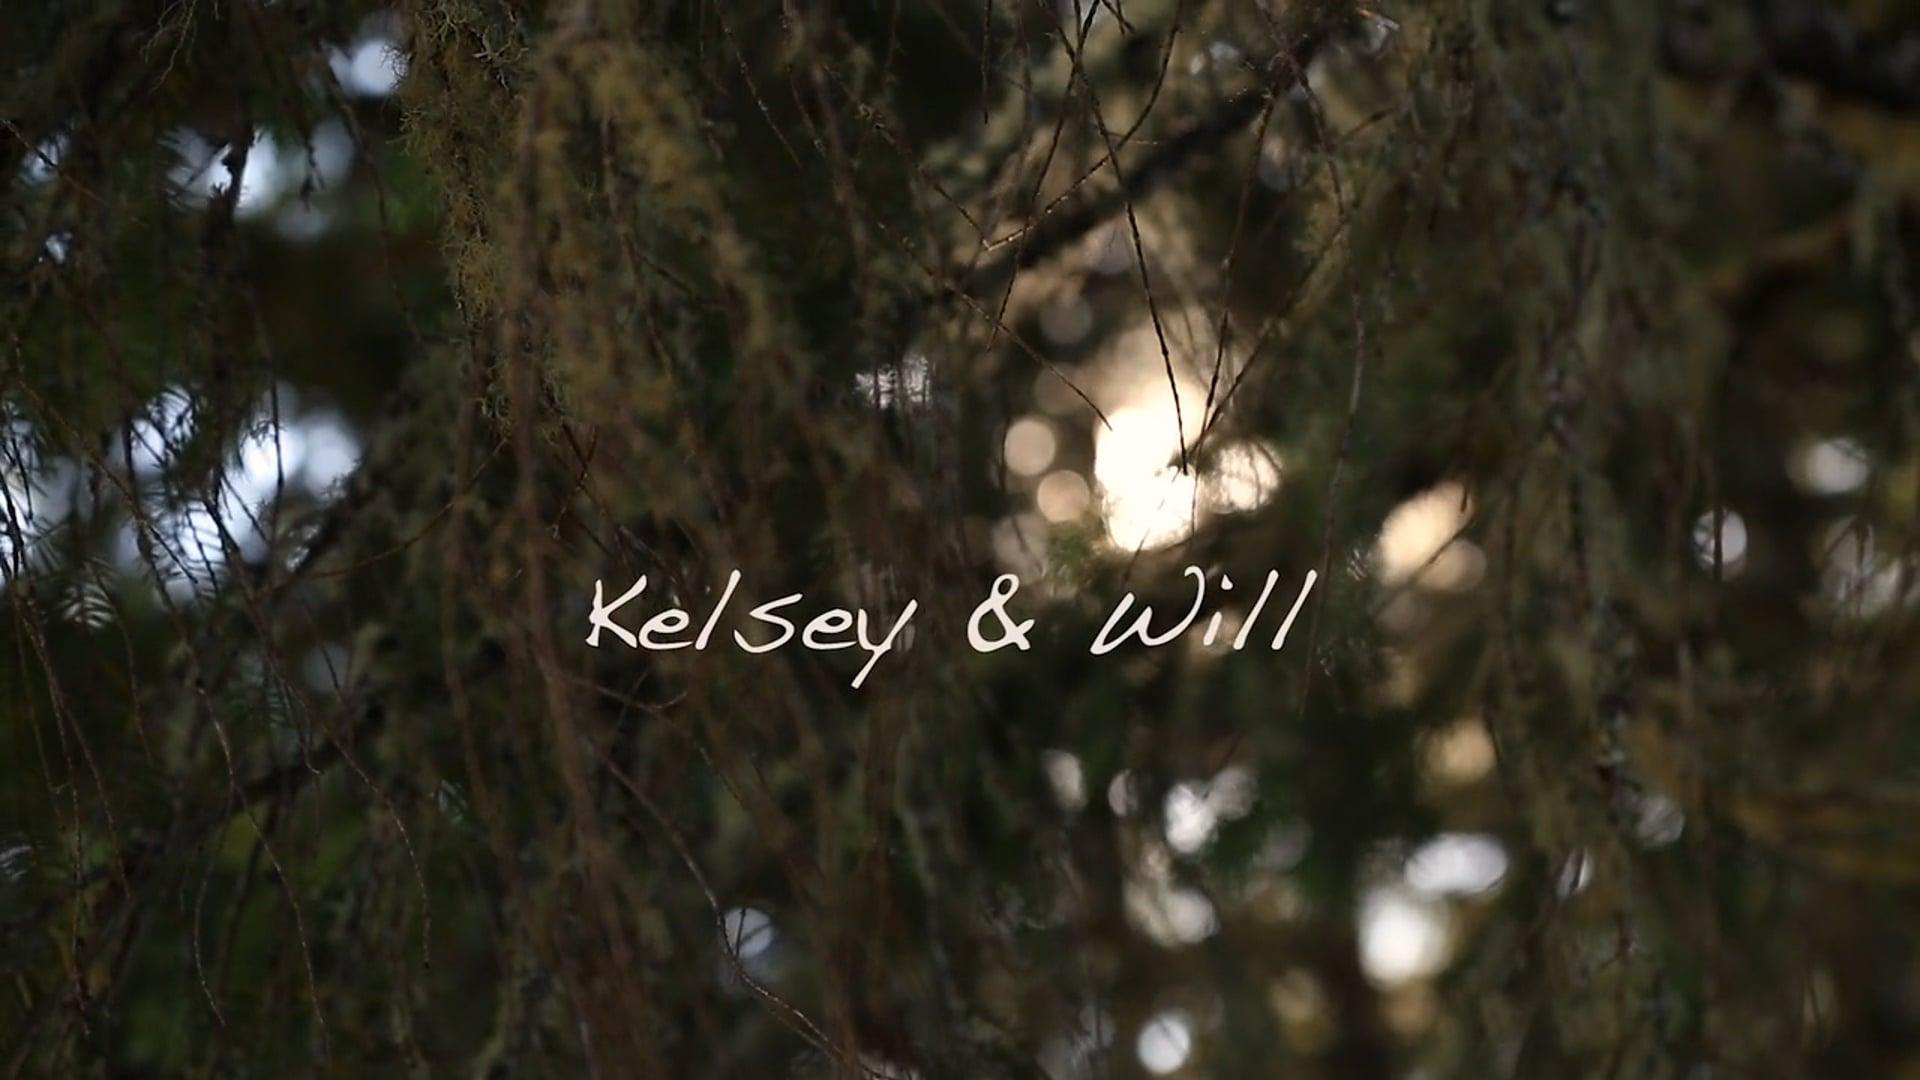 Kelsey & Will